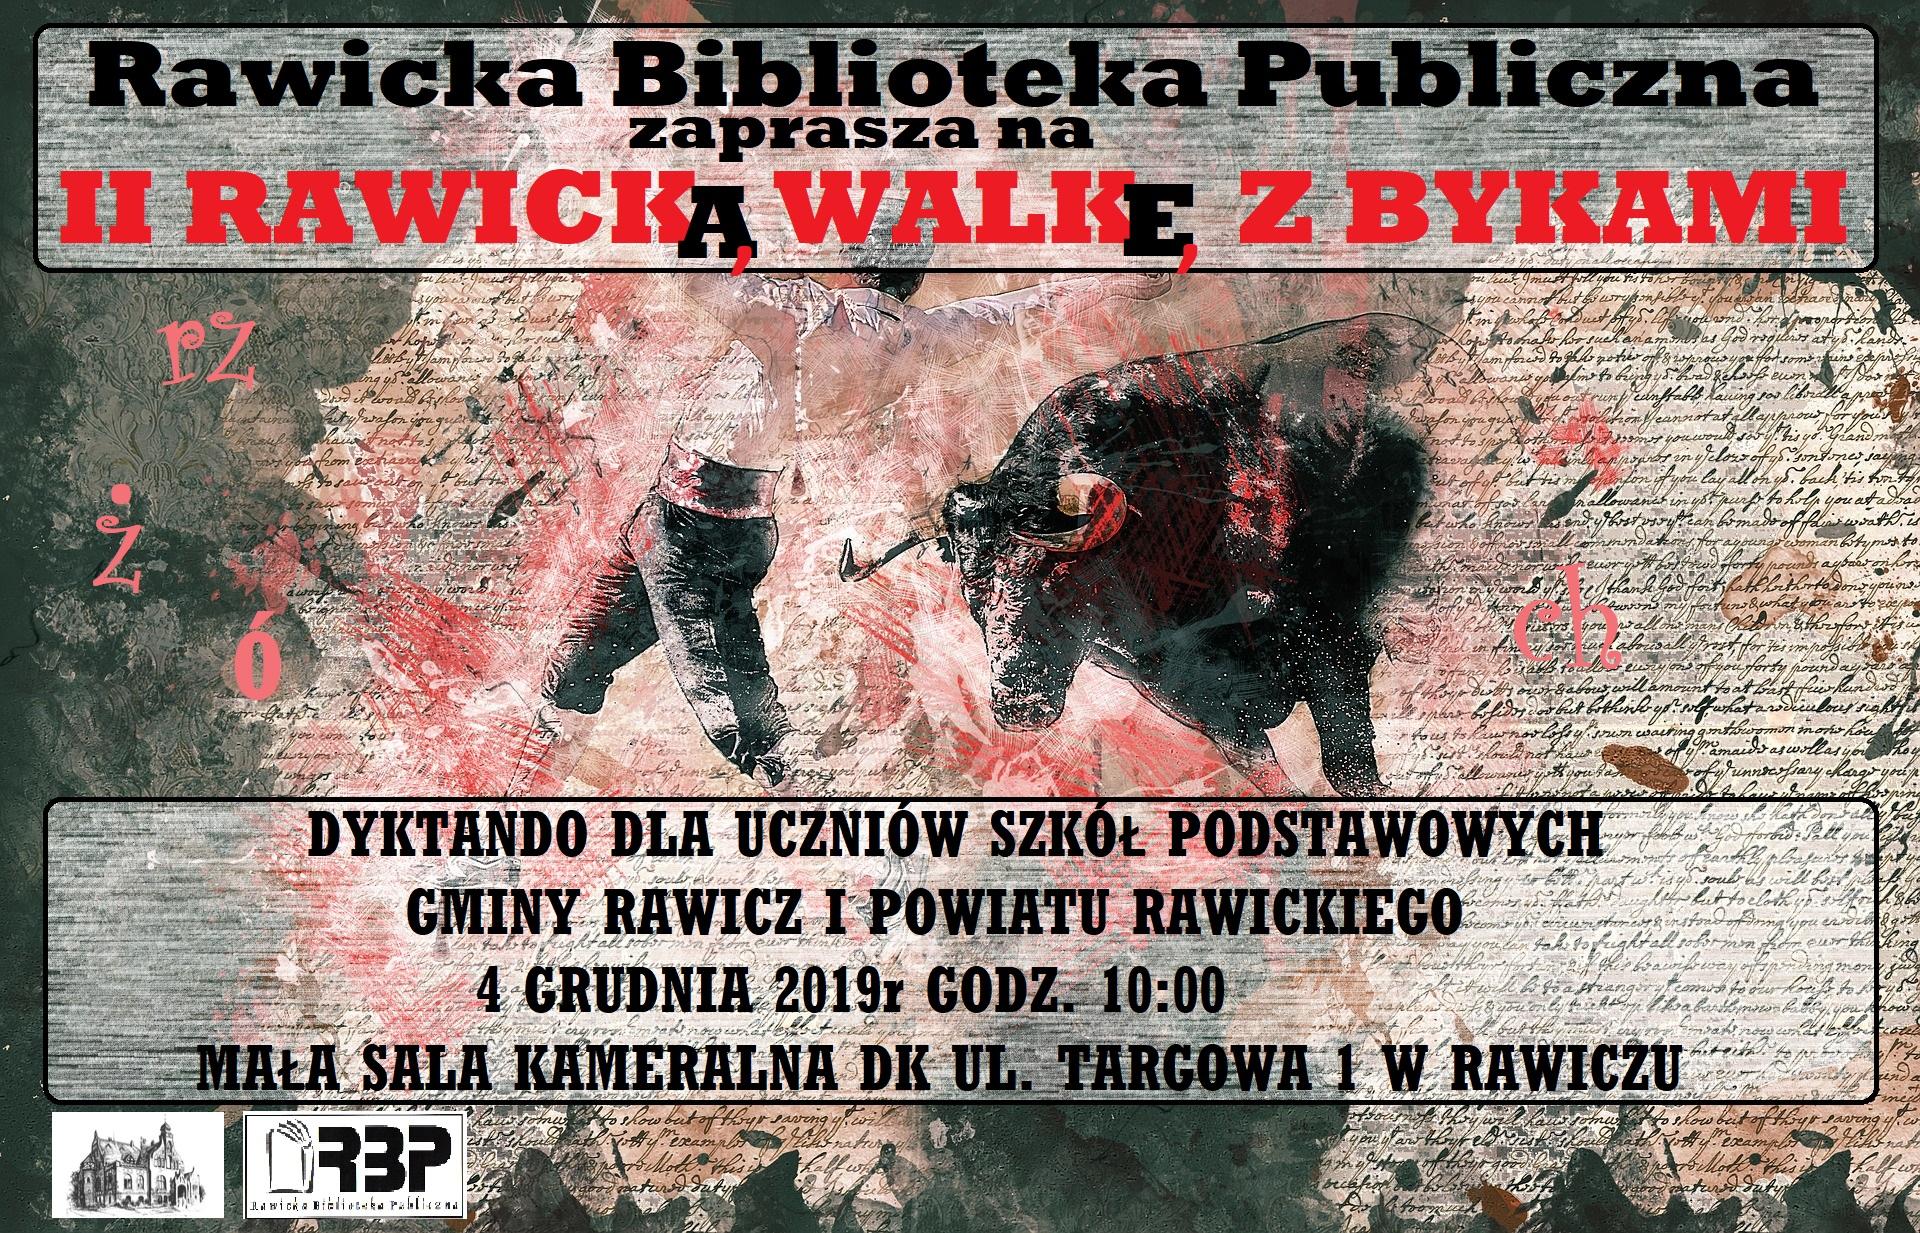 Rawicka Biblioteka Publiczna